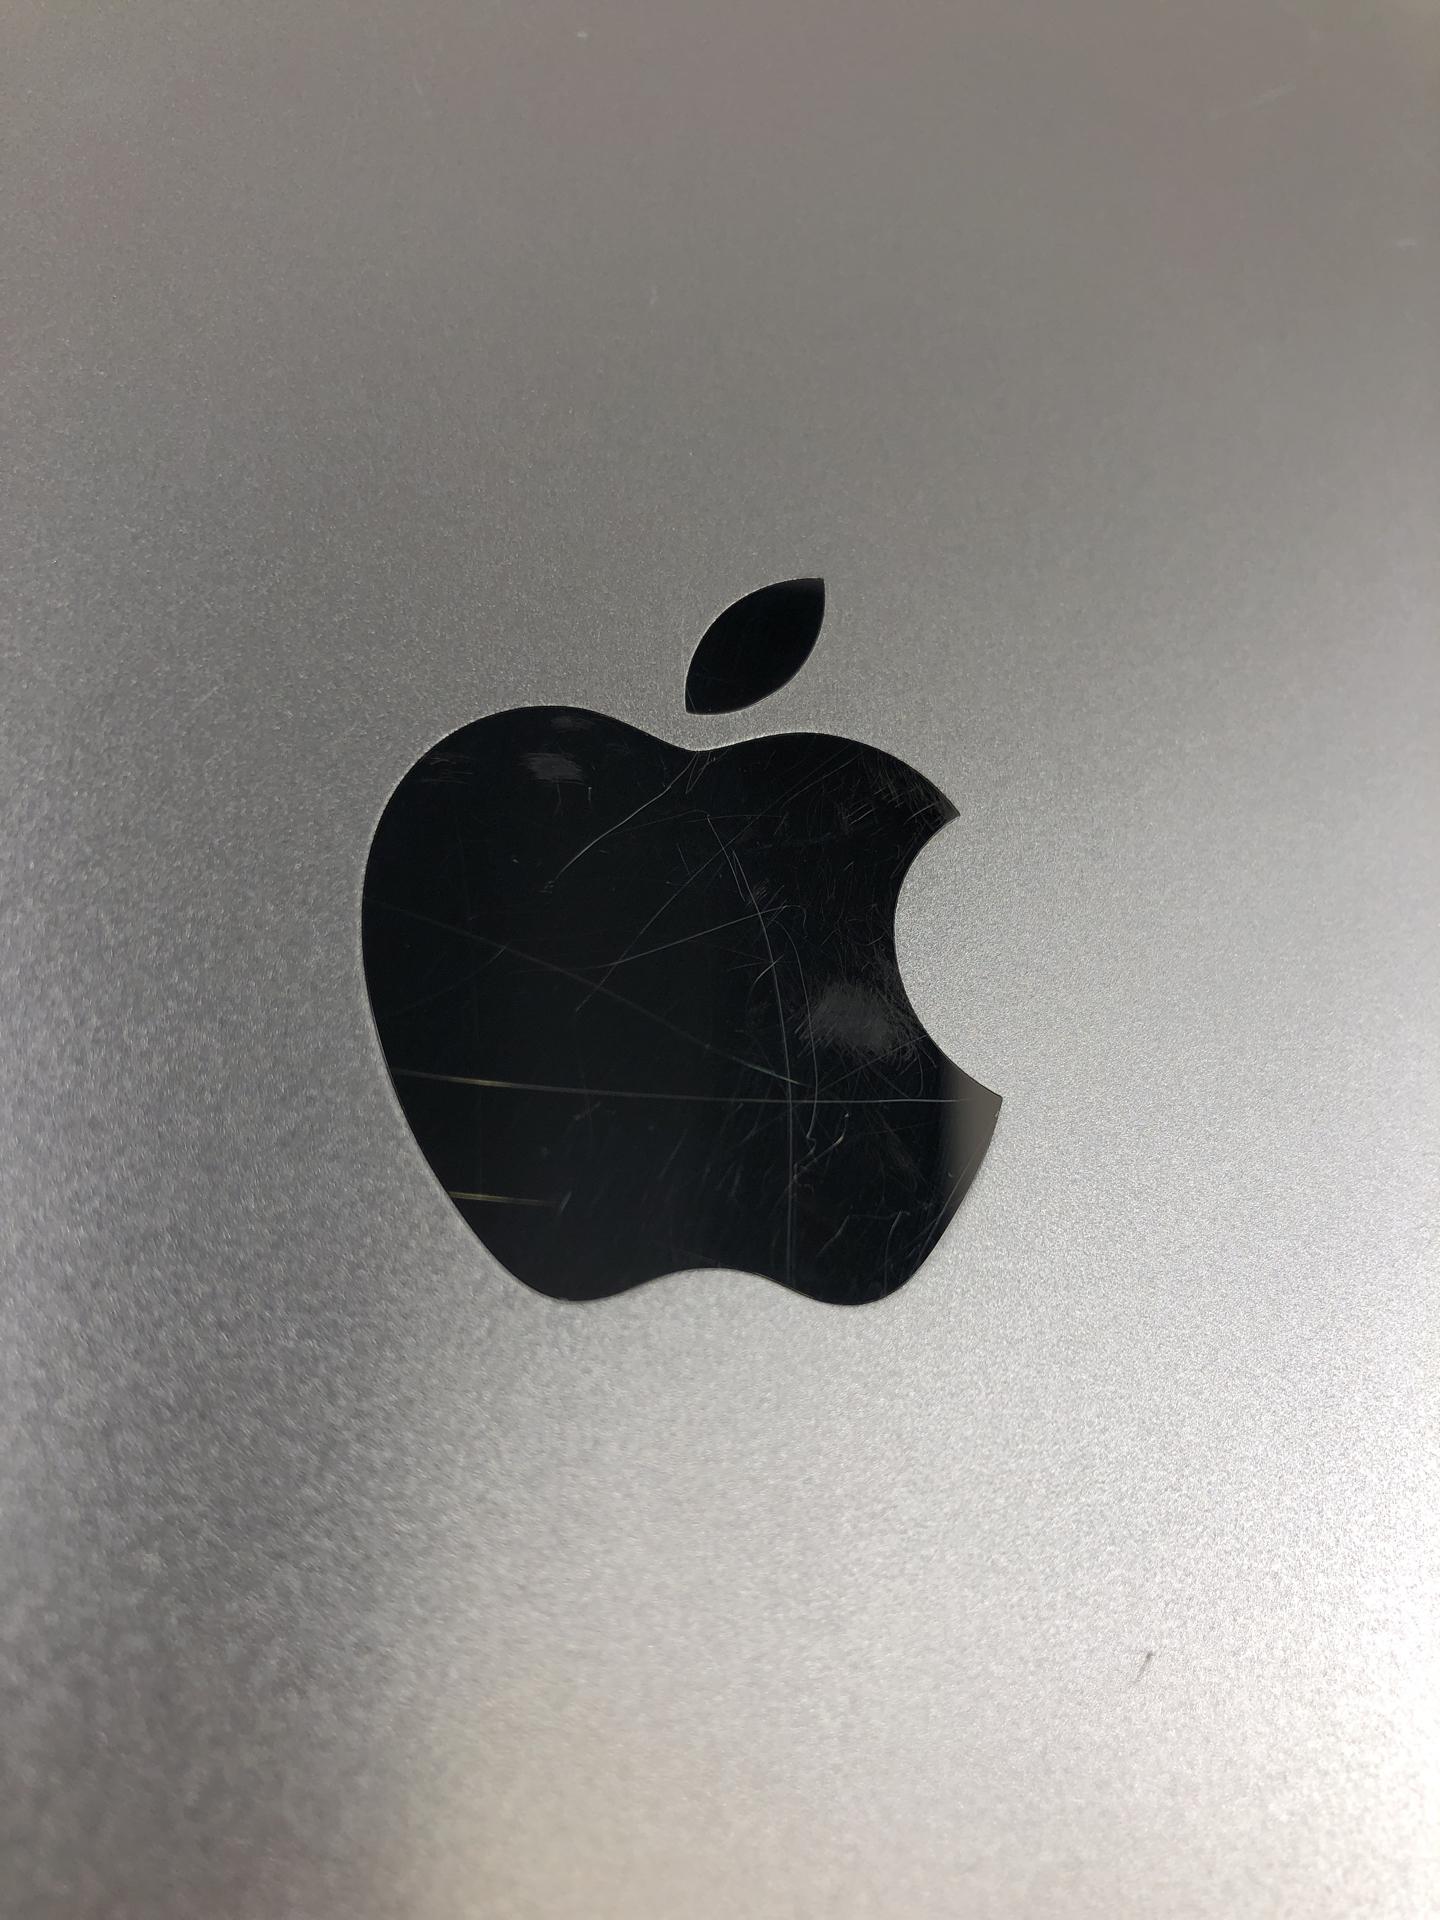 iPad Air 2 Wi-Fi + Cellular 64GB, 64GB, Silver, imagen 4